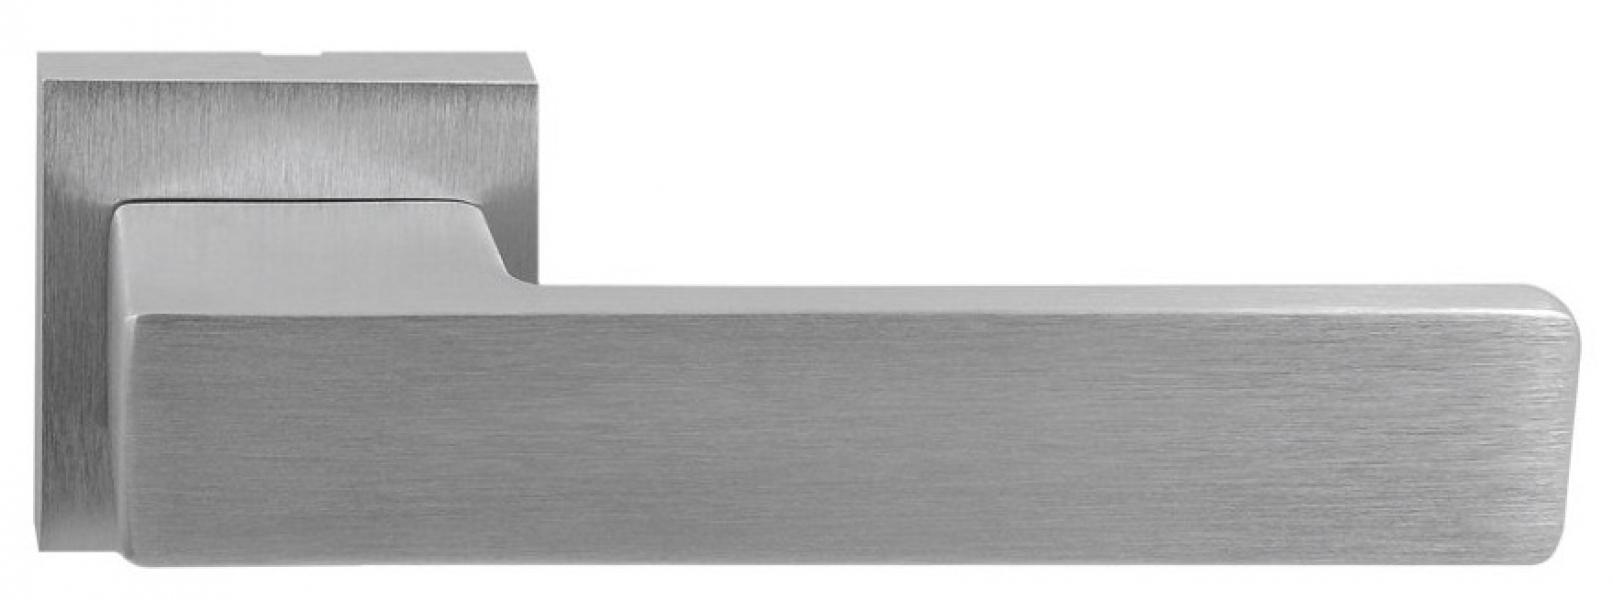 Ручка дверная на розетке Prima матовый хром